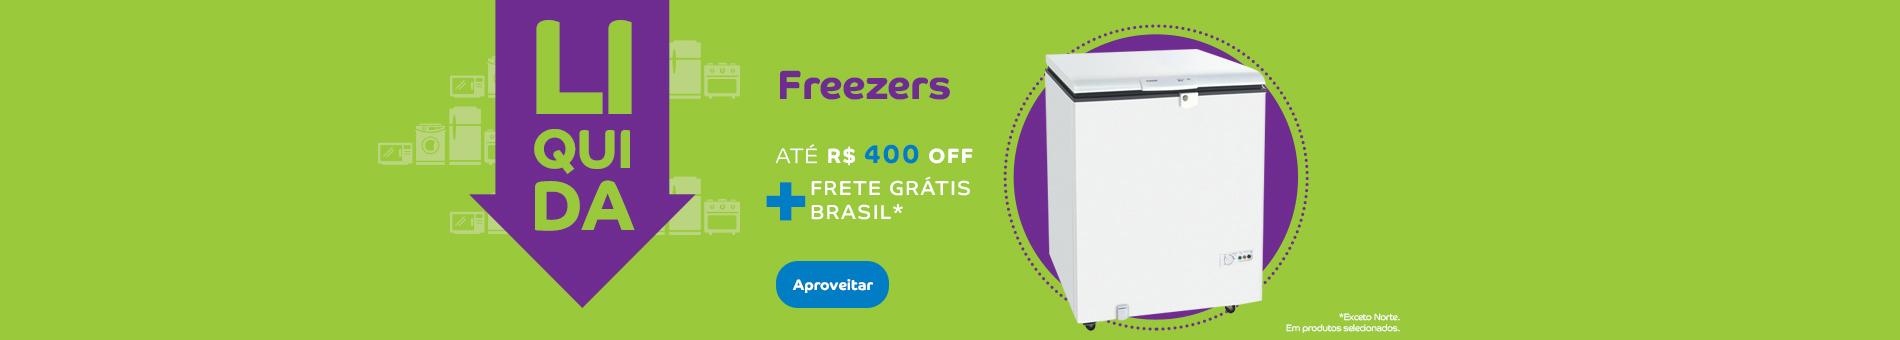 Promoção Interna - 741 - liquidaconsul_freezers_home3_26082016 - freezers - 3